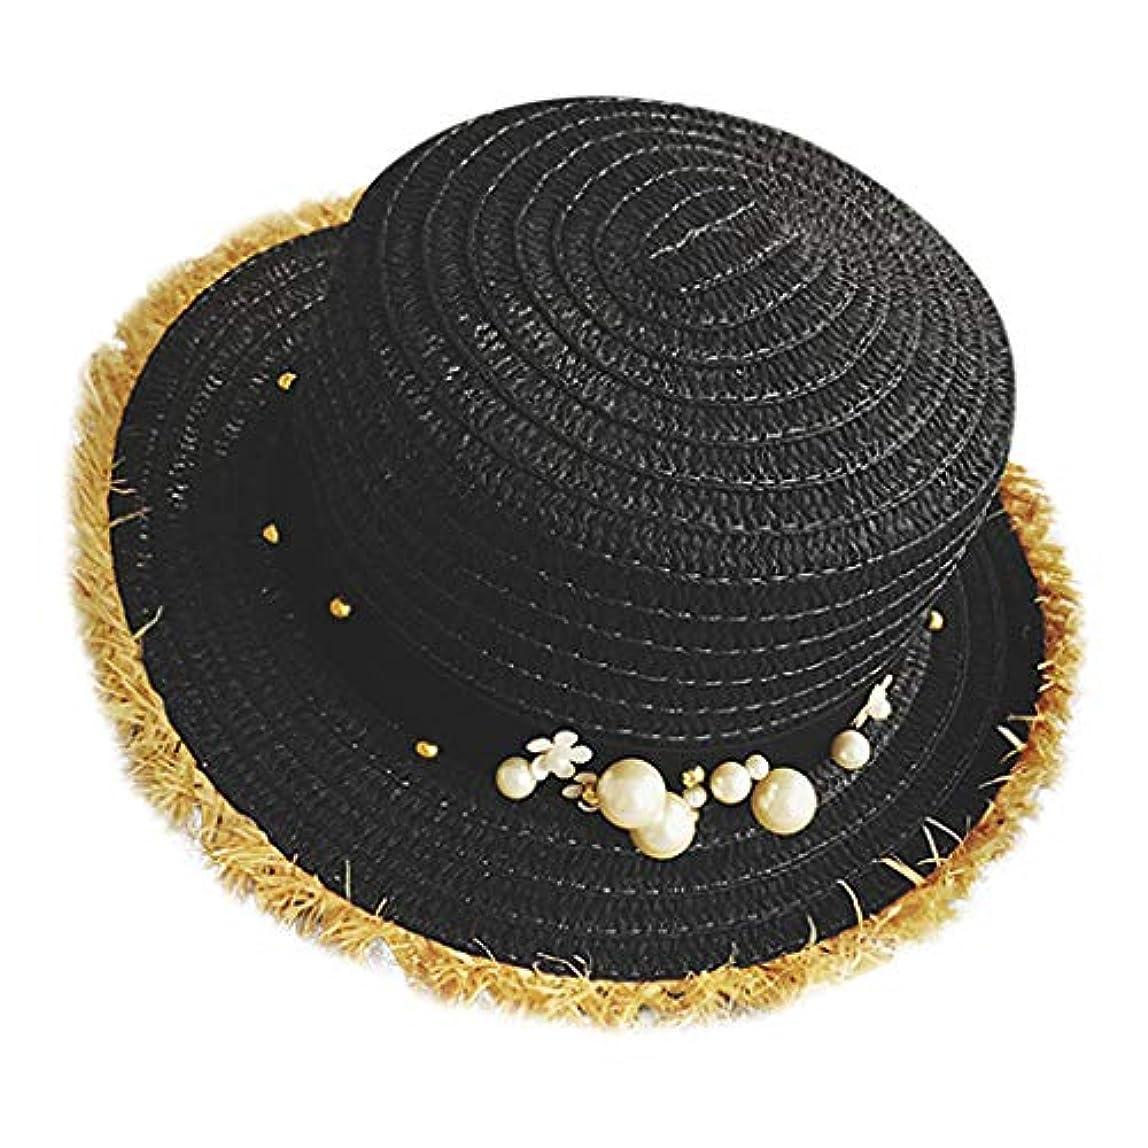 オピエート渇き多年生帽子 レディース UVカット 帽子 麦わら帽子 UV帽子 紫外線対策 通気性 漁師の帽子 ニット帽 マニュアル 真珠 太陽 キャップ 余暇 休暇 キャップ レディース ハンチング帽 大きいサイズ 発送 ROSE ROMAN